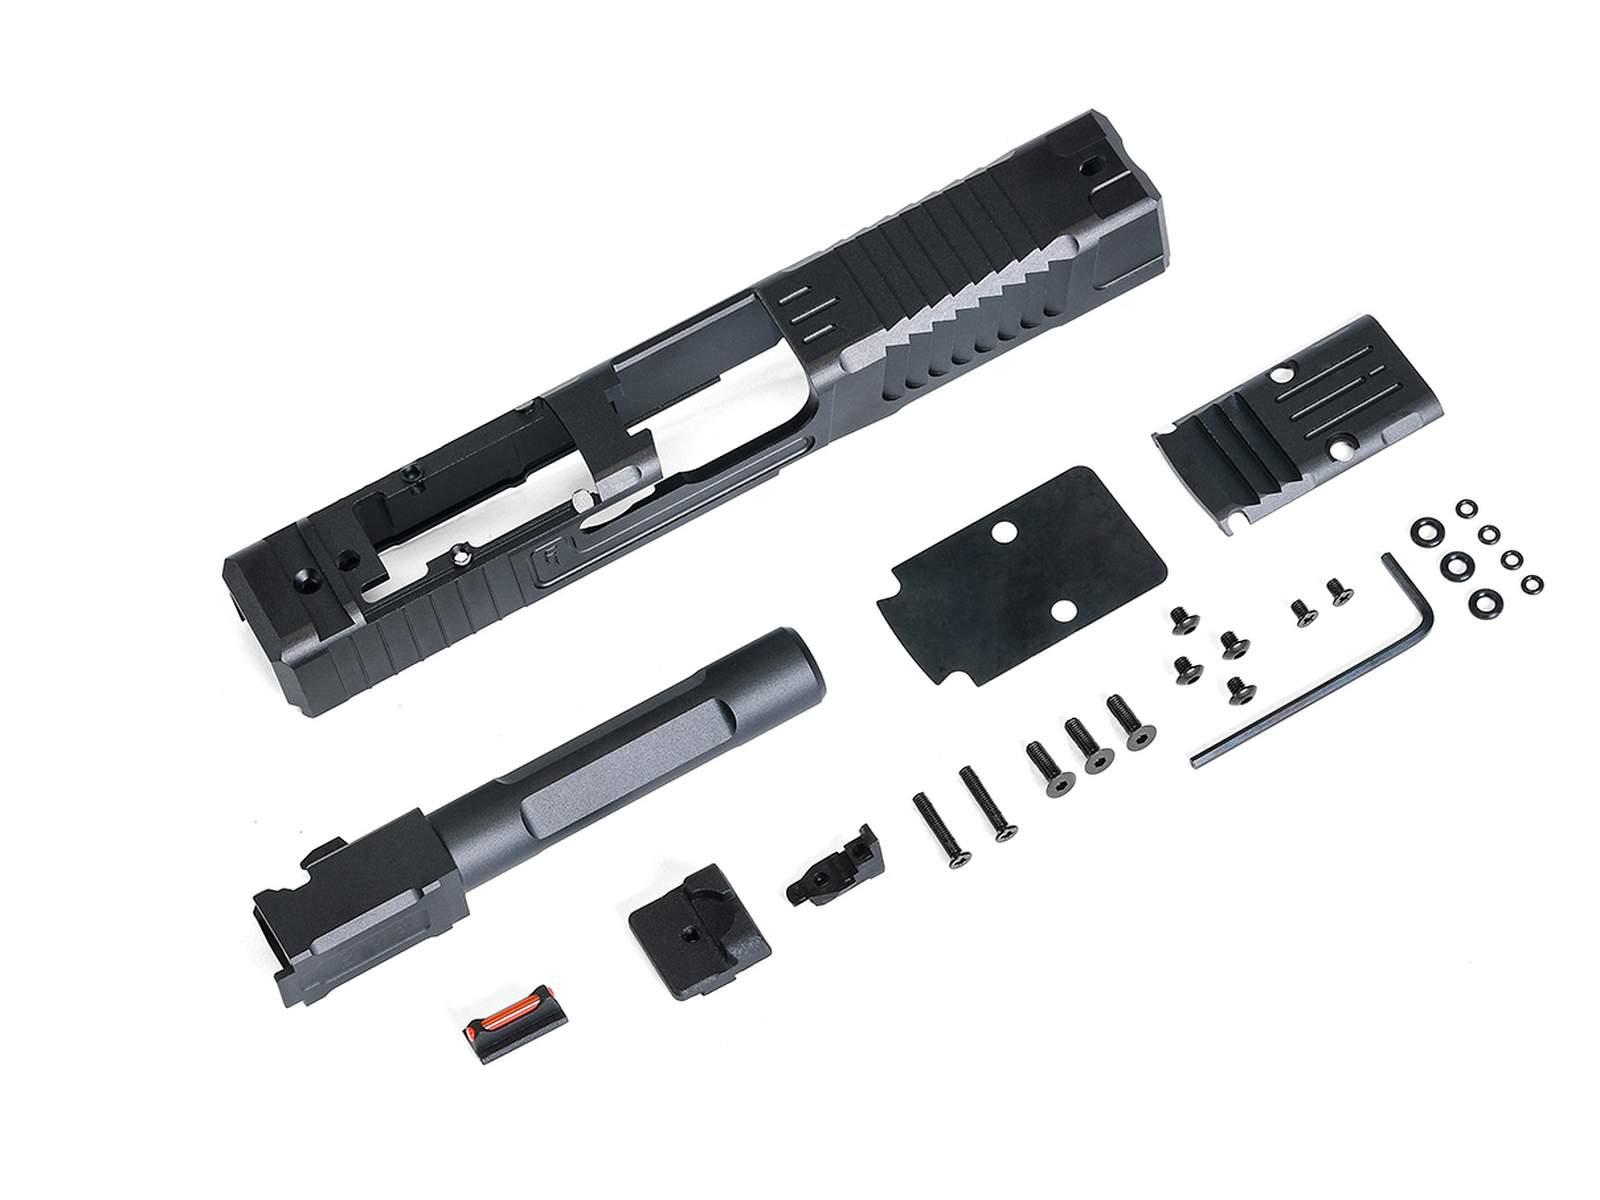 X-Craft FI G19 MK1 CNCスライド/アウターバレルセット